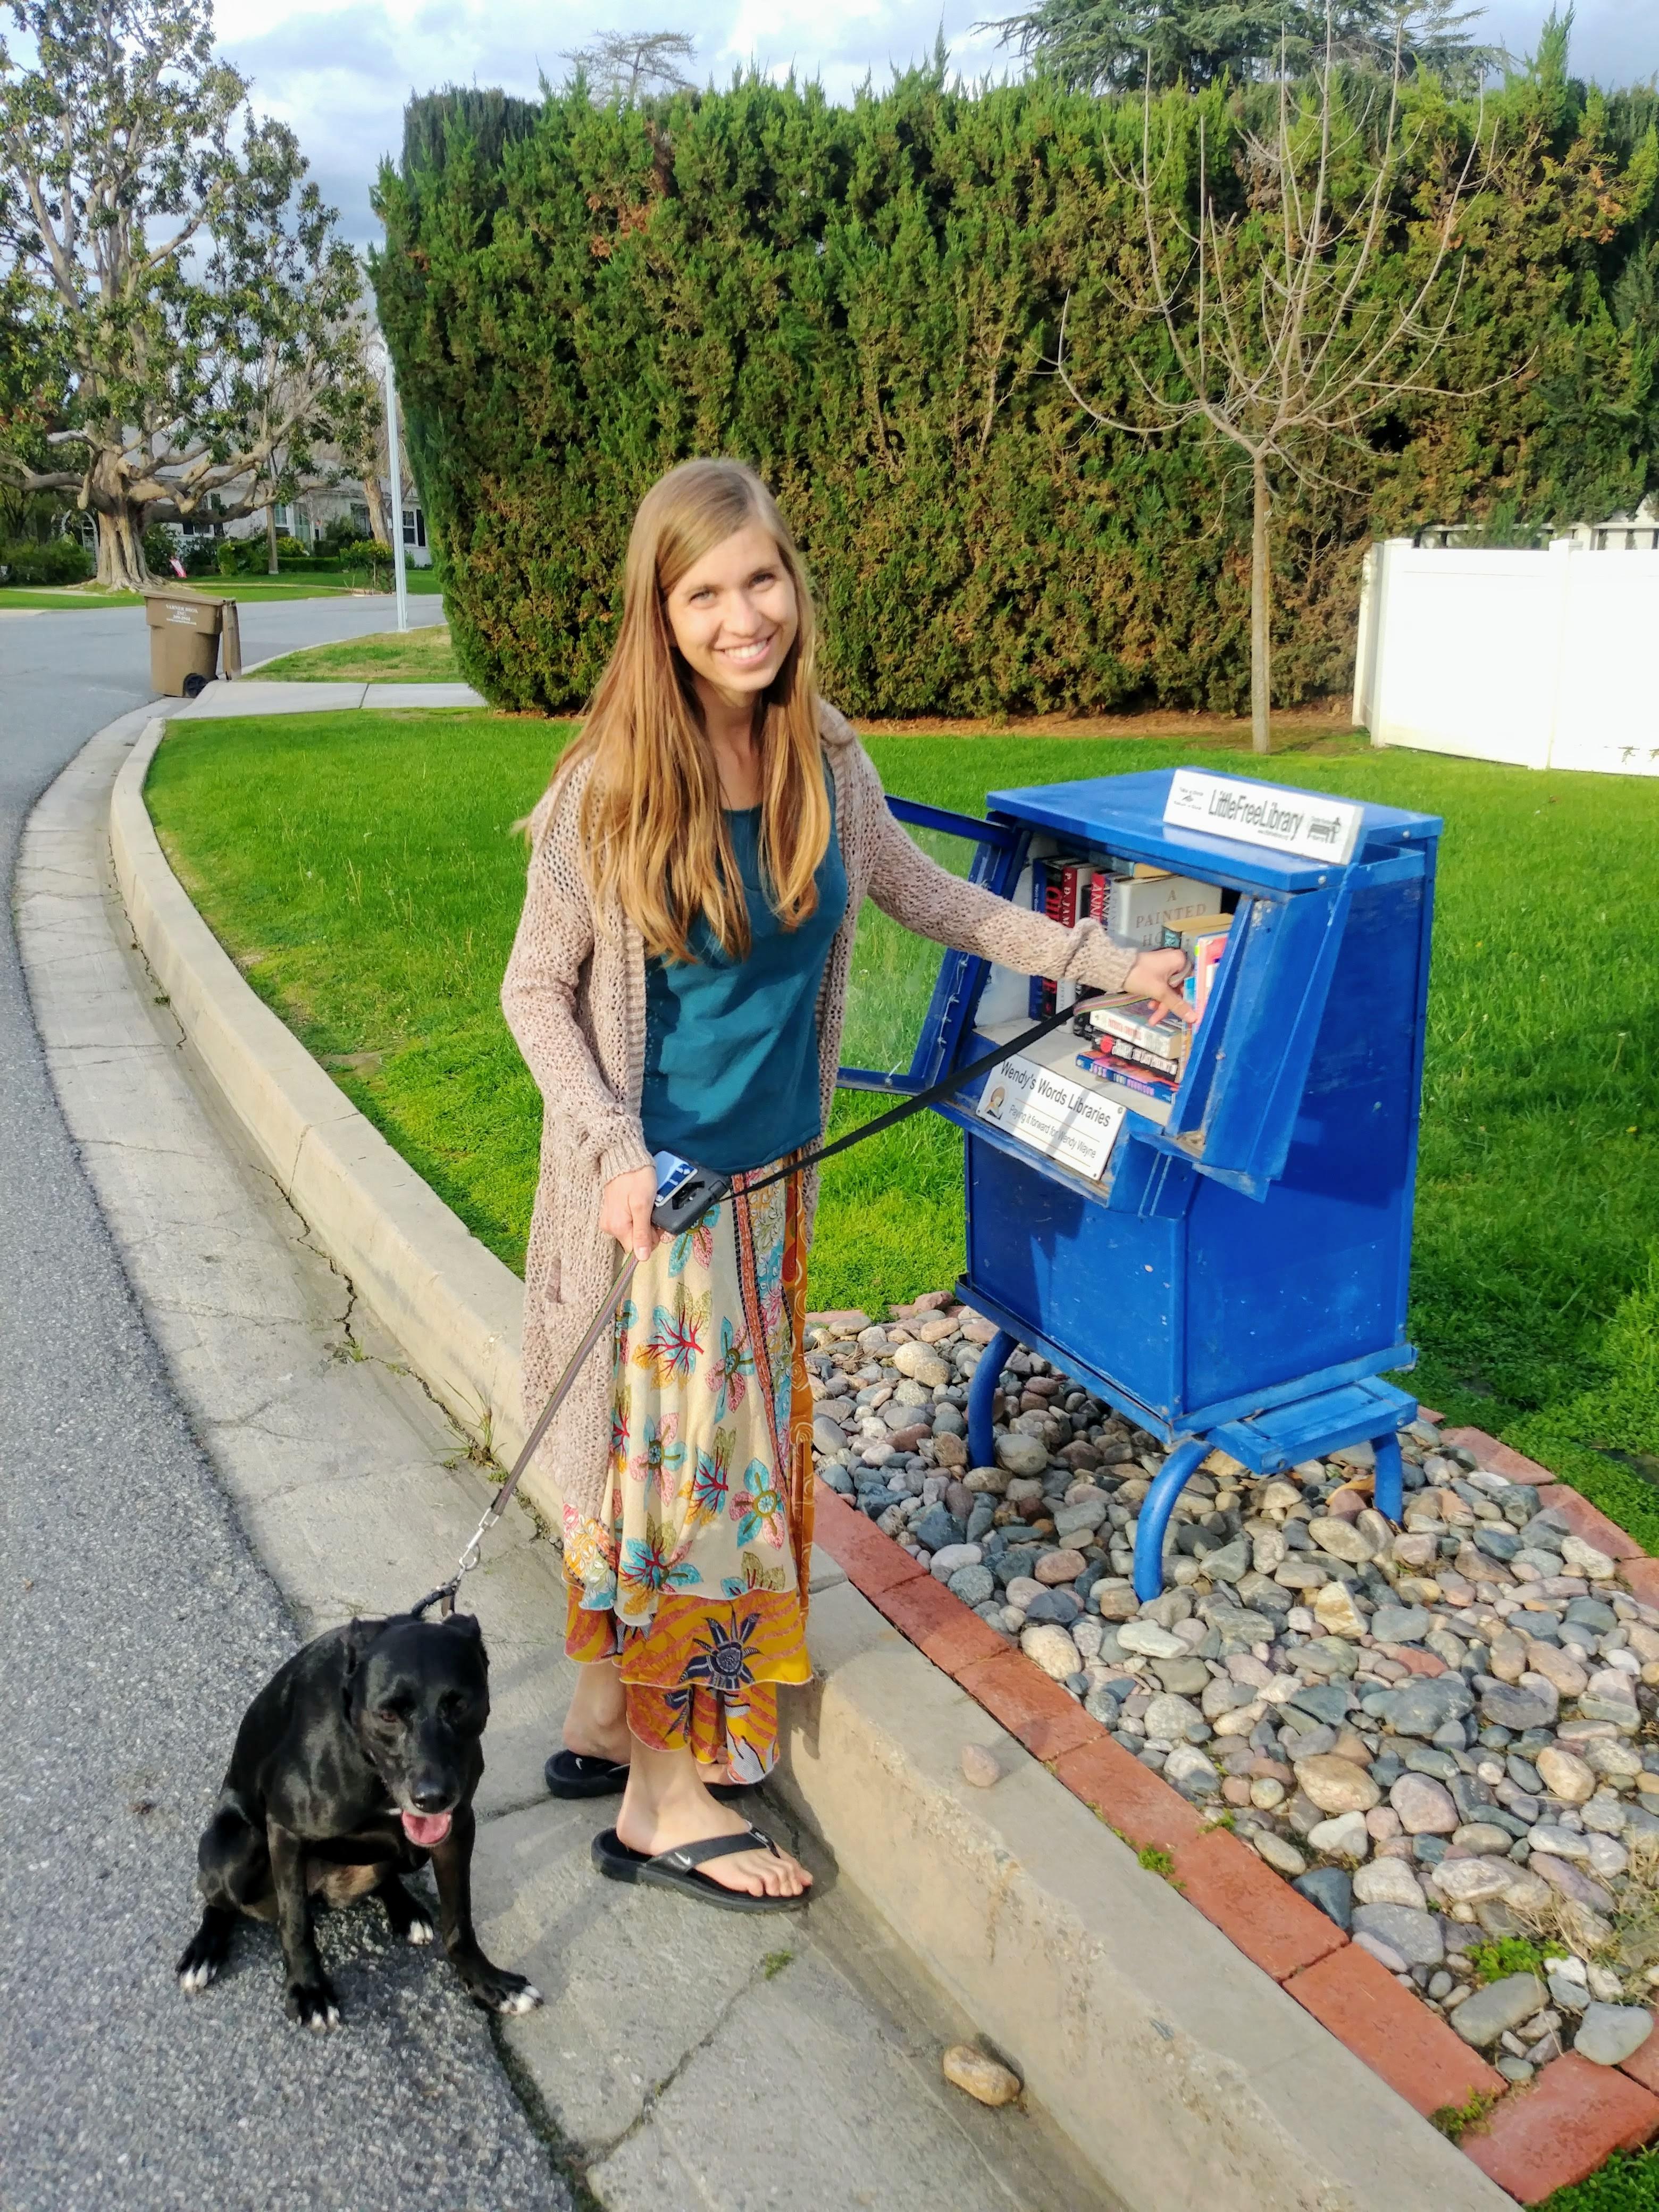 Author Breana Johnson with her puppy at a free library box. Photo: Breana Johnson